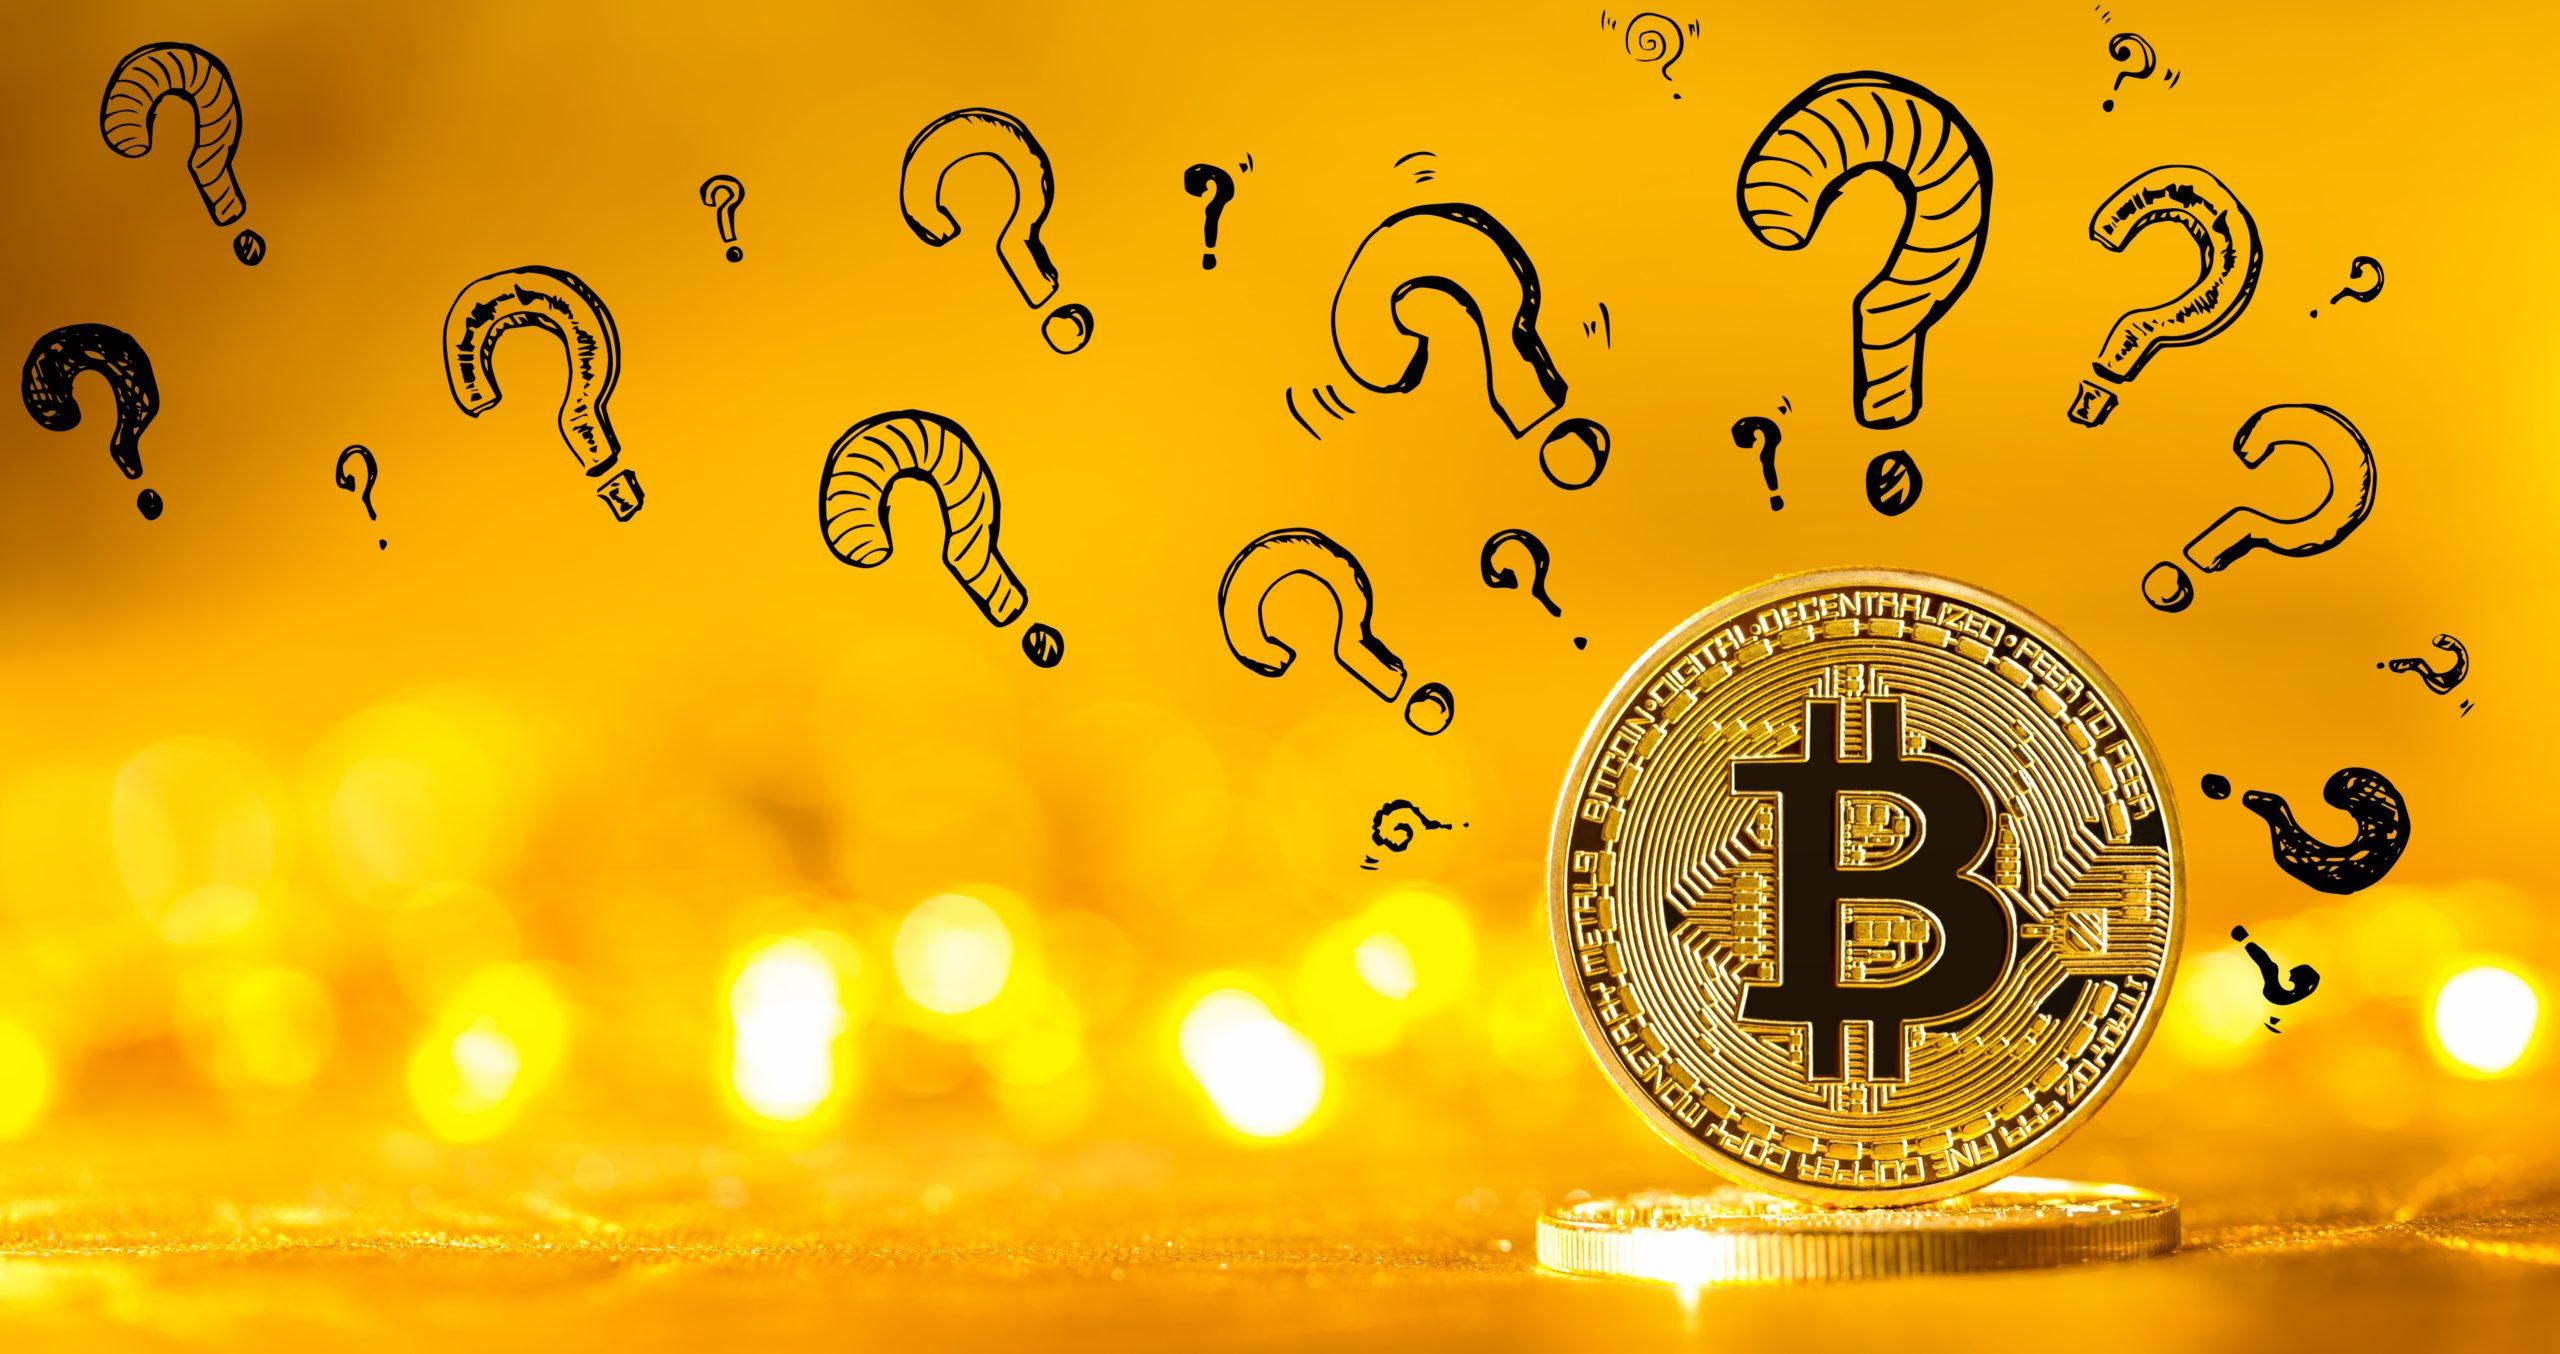 Anket Yatırımcıların Çoğu Bitcoin'in BTC Yükseleceğine İnanmıyor scaled